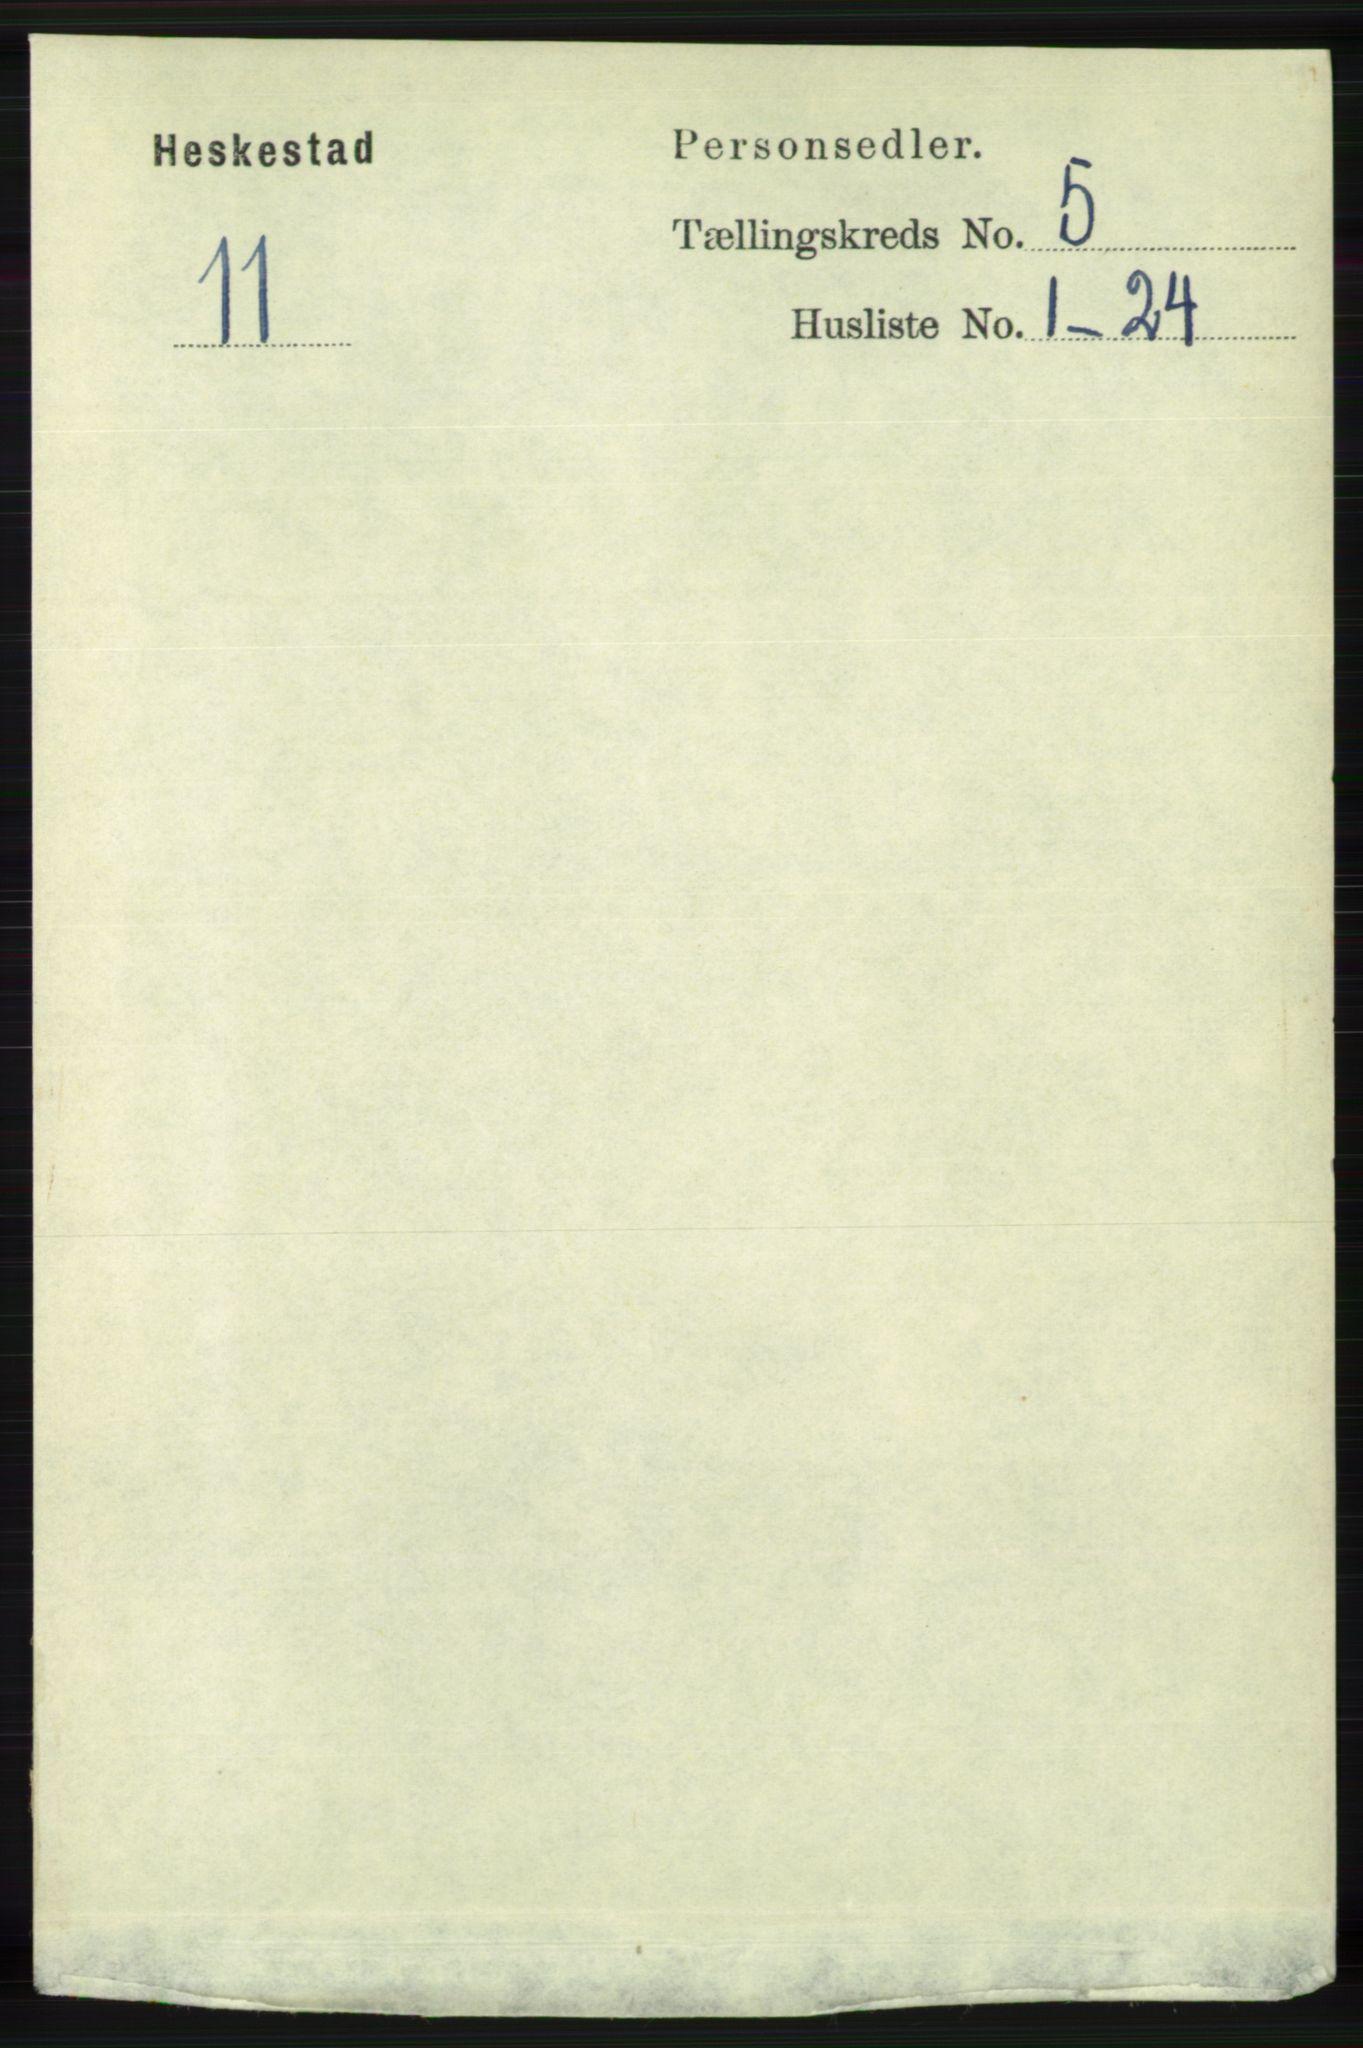 RA, Folketelling 1891 for 1113 Heskestad herred, 1891, s. 871